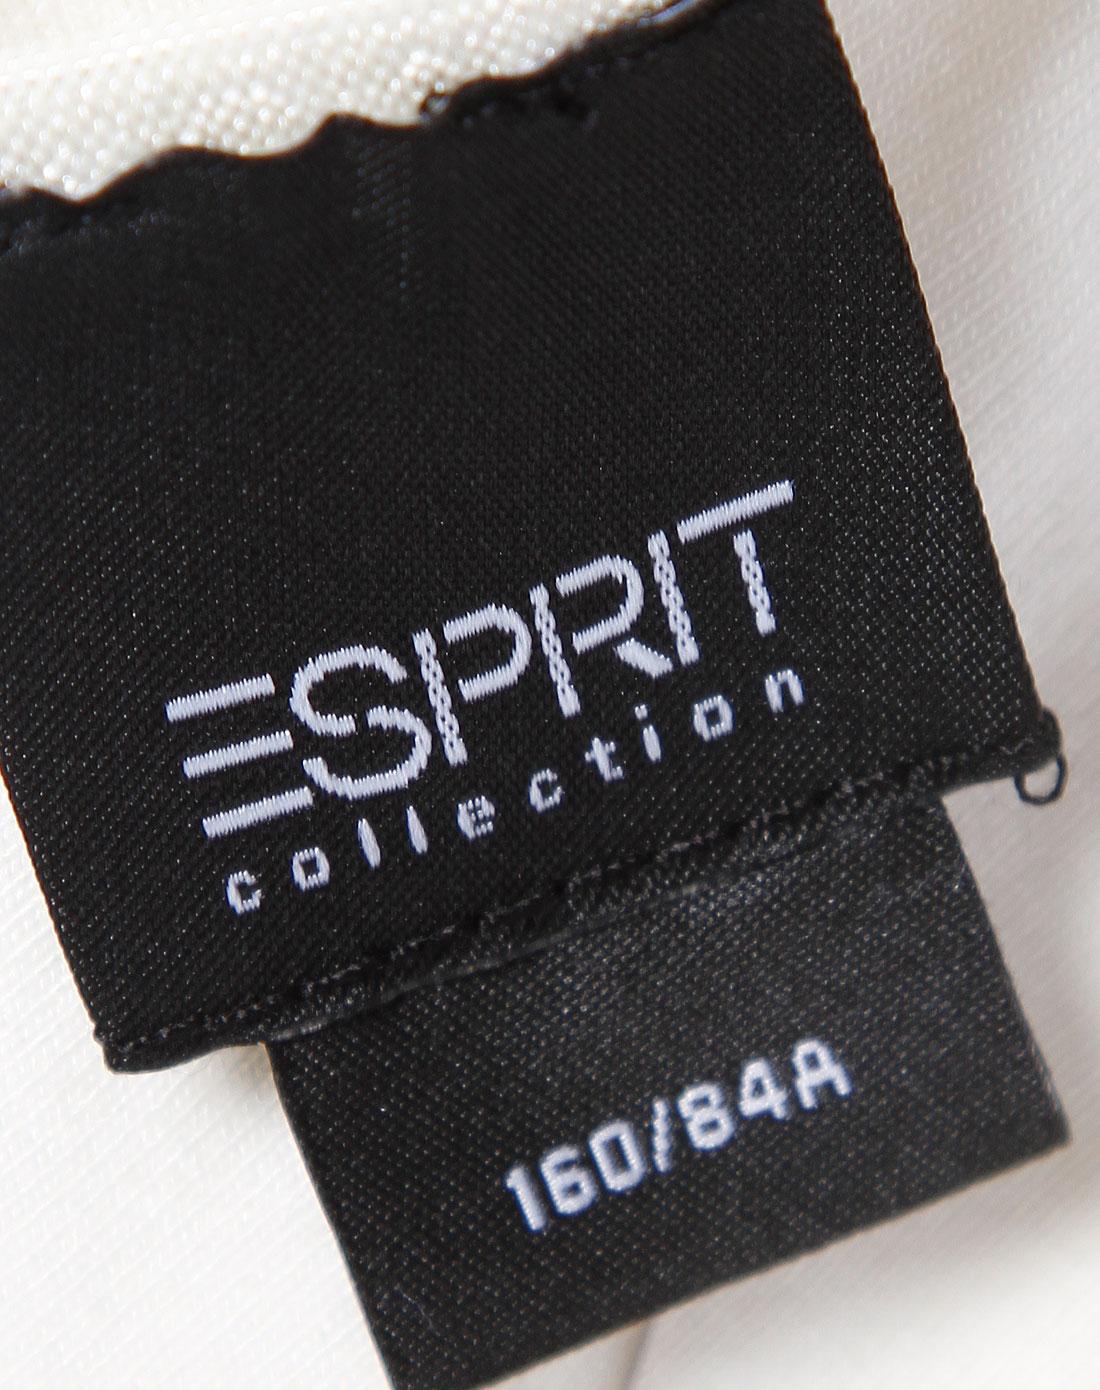 Esprit 女款米黄色简约吊带衫 埃斯普利特Esprit官网特价2.5图片